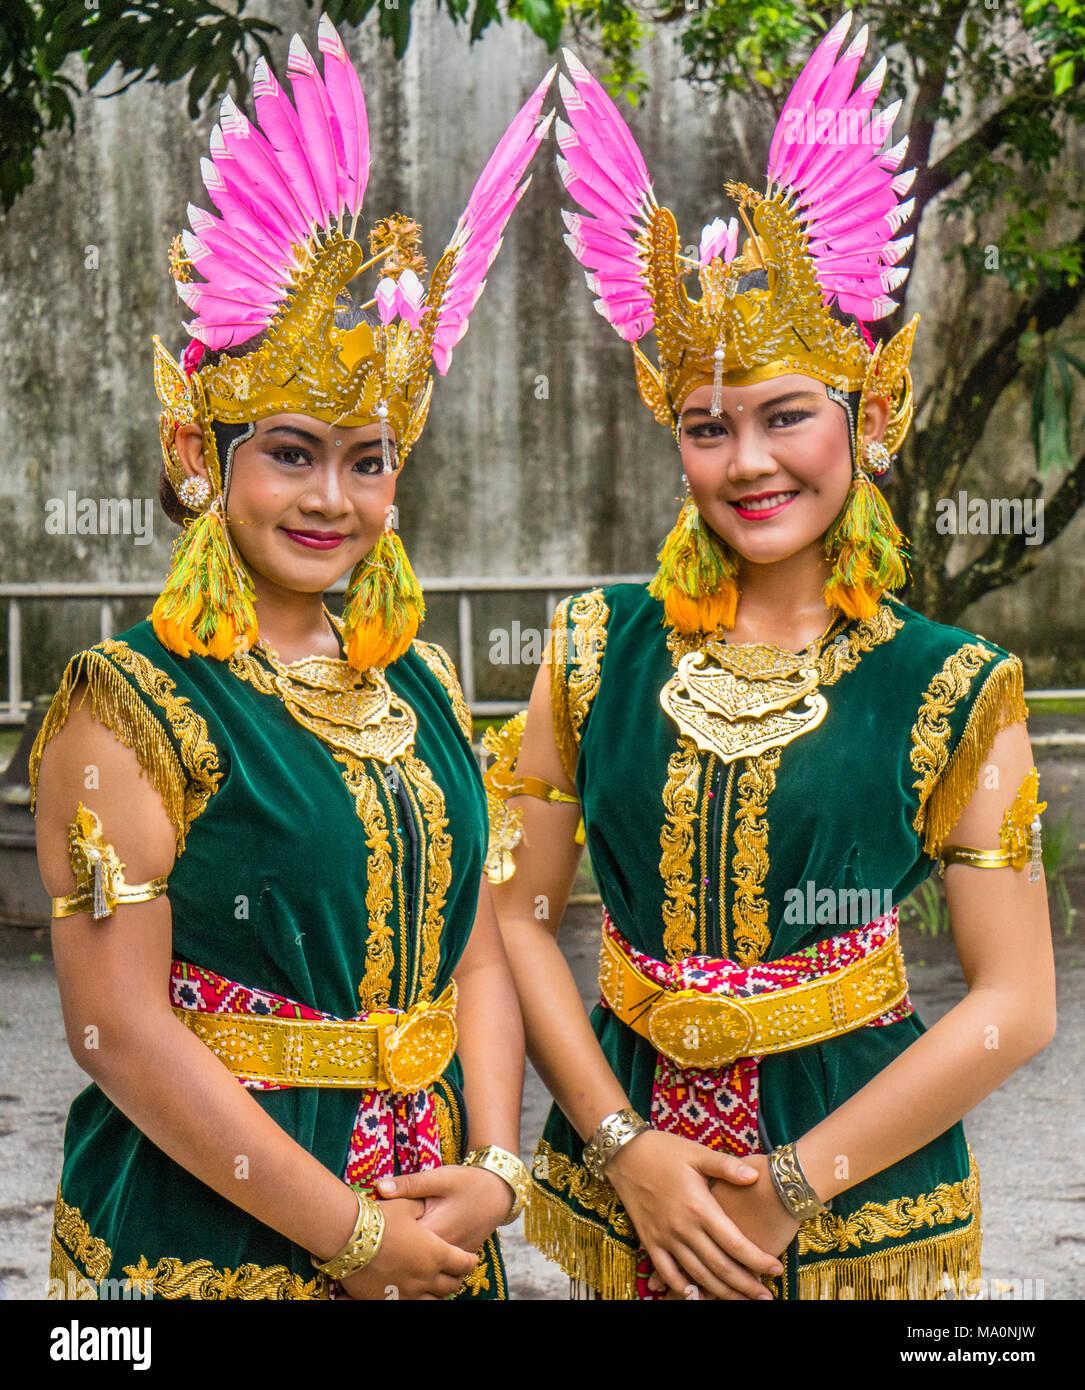 photo oportunity with Srimpi dancers at the Kraton Ngayogyakarta Hadiningrat, the palace of the Yogyakarta Sultanate, Central Java, Indonesia - Stock Image